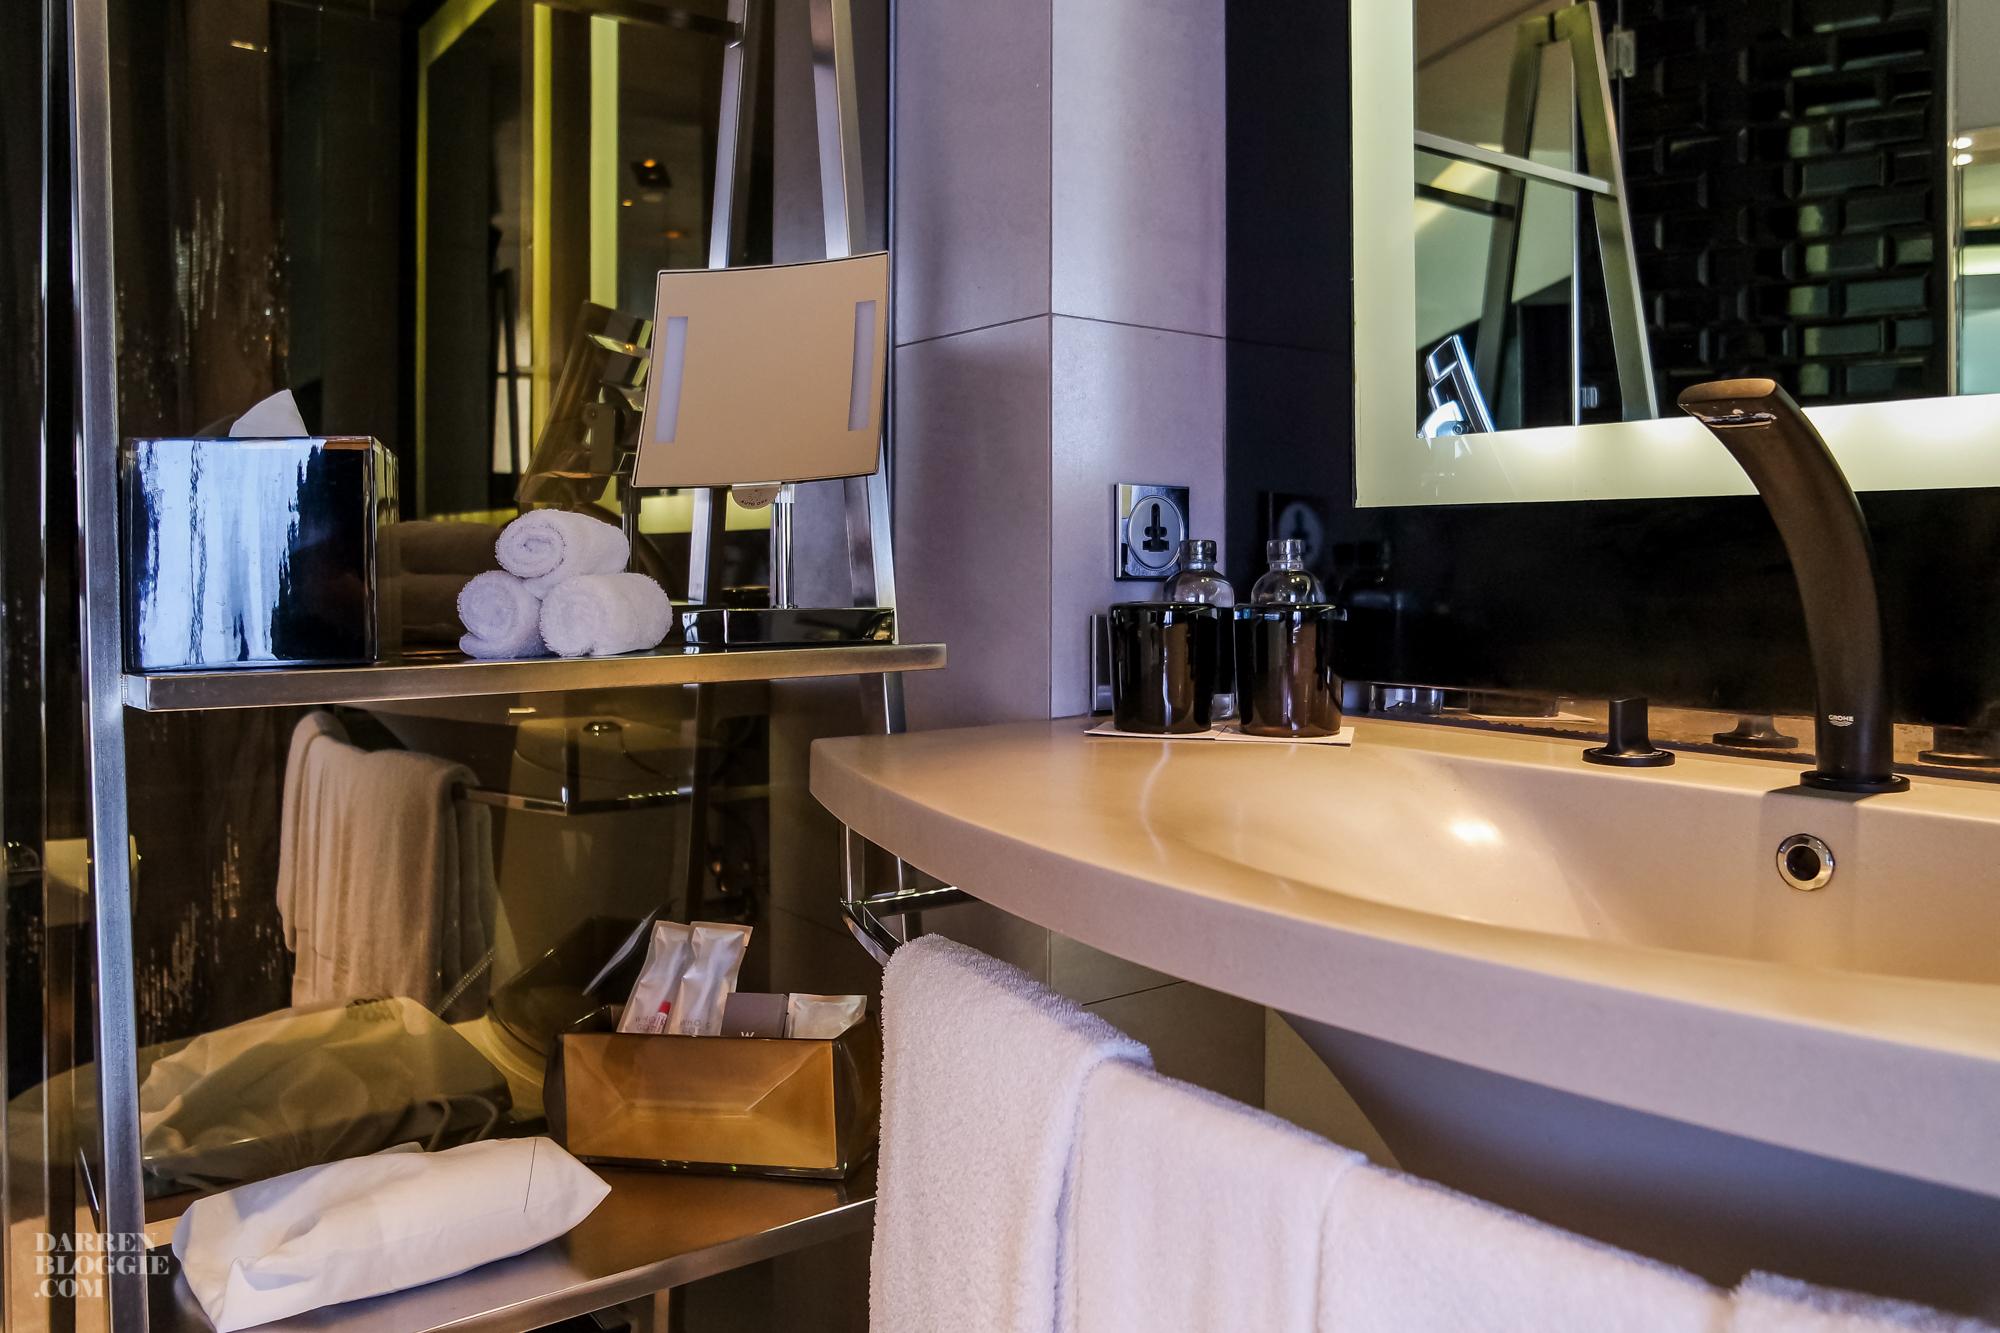 wbangkok_starwood_hotel-9